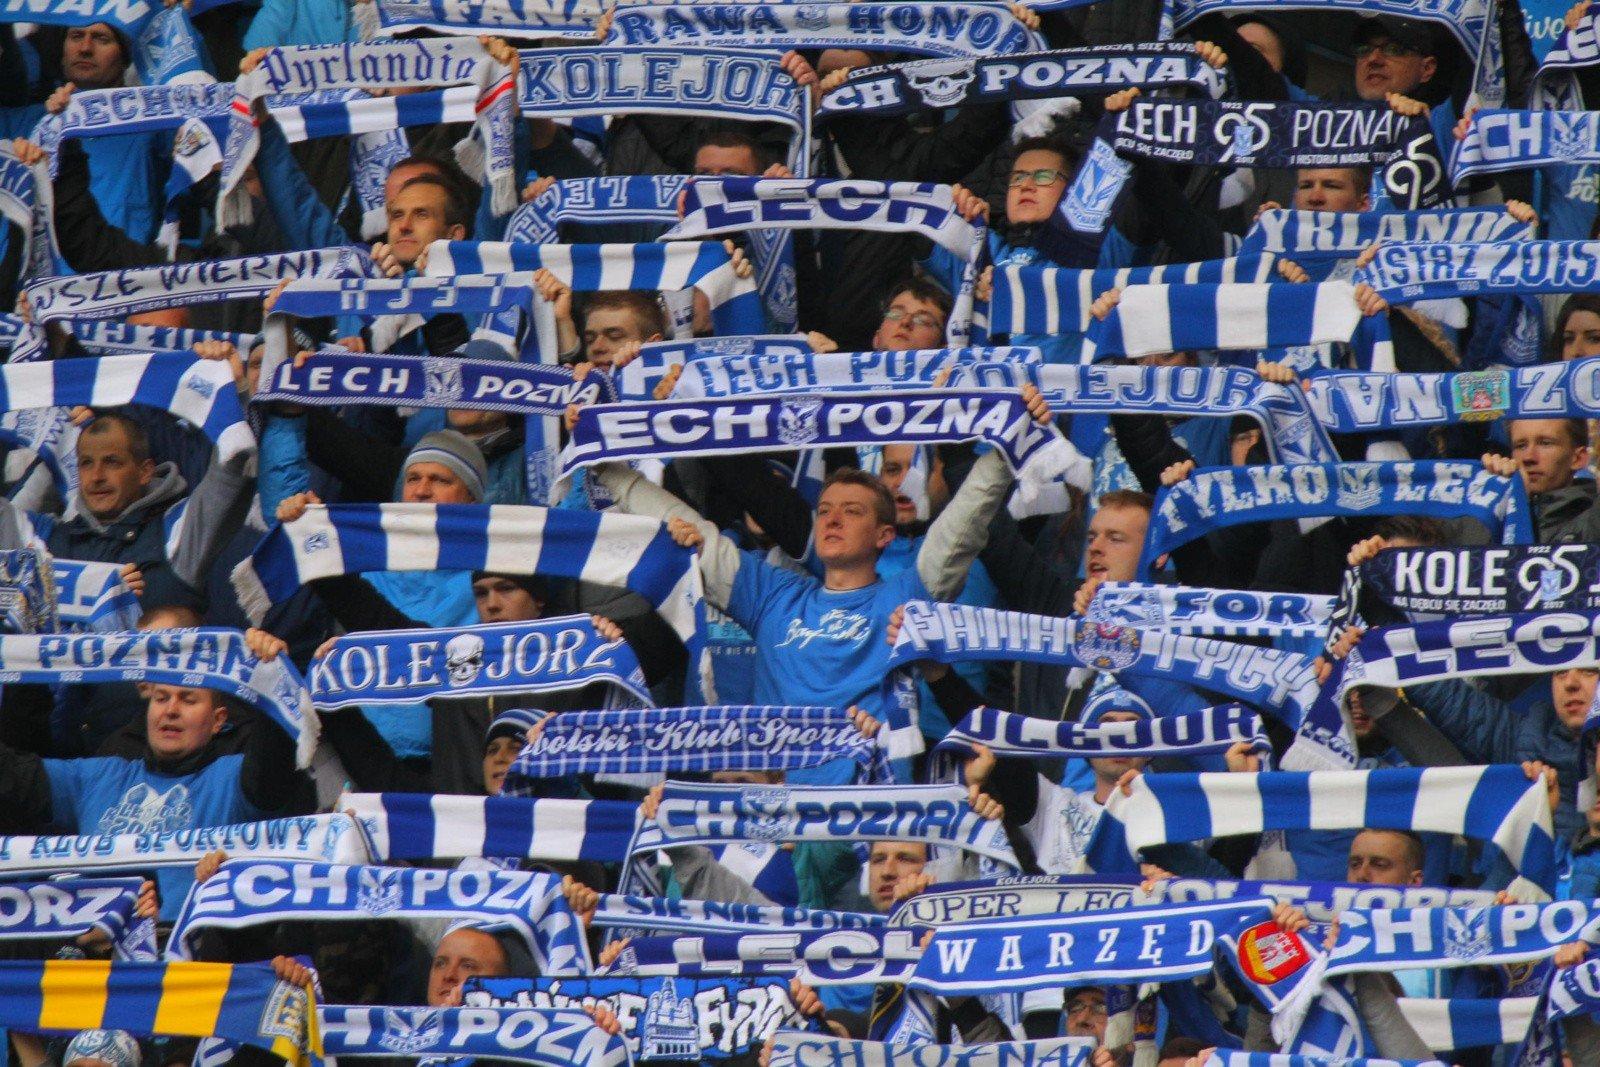 Inteligentny Lech - Legia: Sprzedano już ok. 20 tys. biletów!   Gol24 YL77